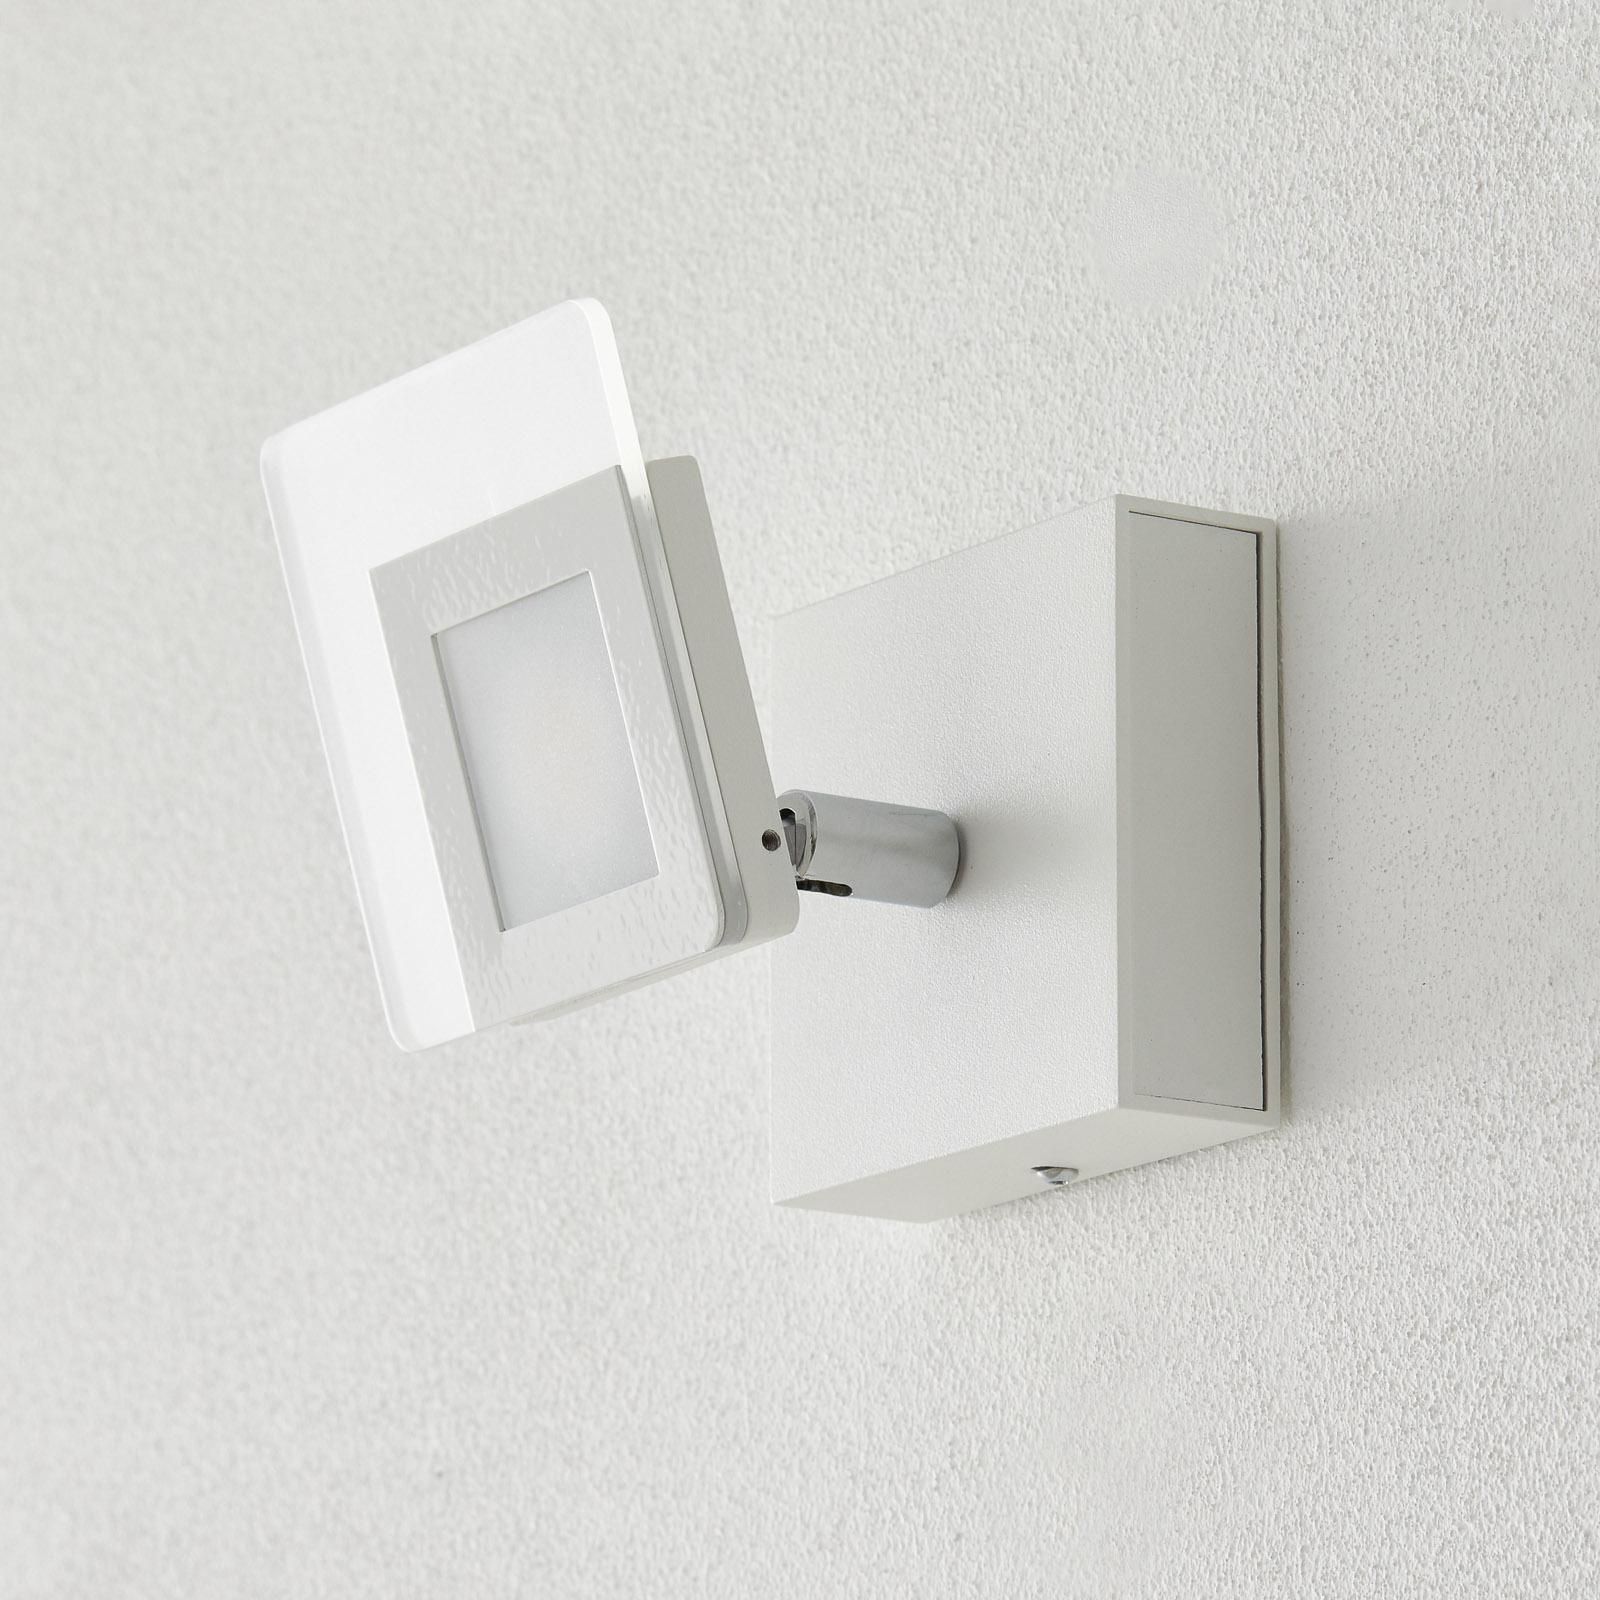 Foco LED de pared Line en color blanco